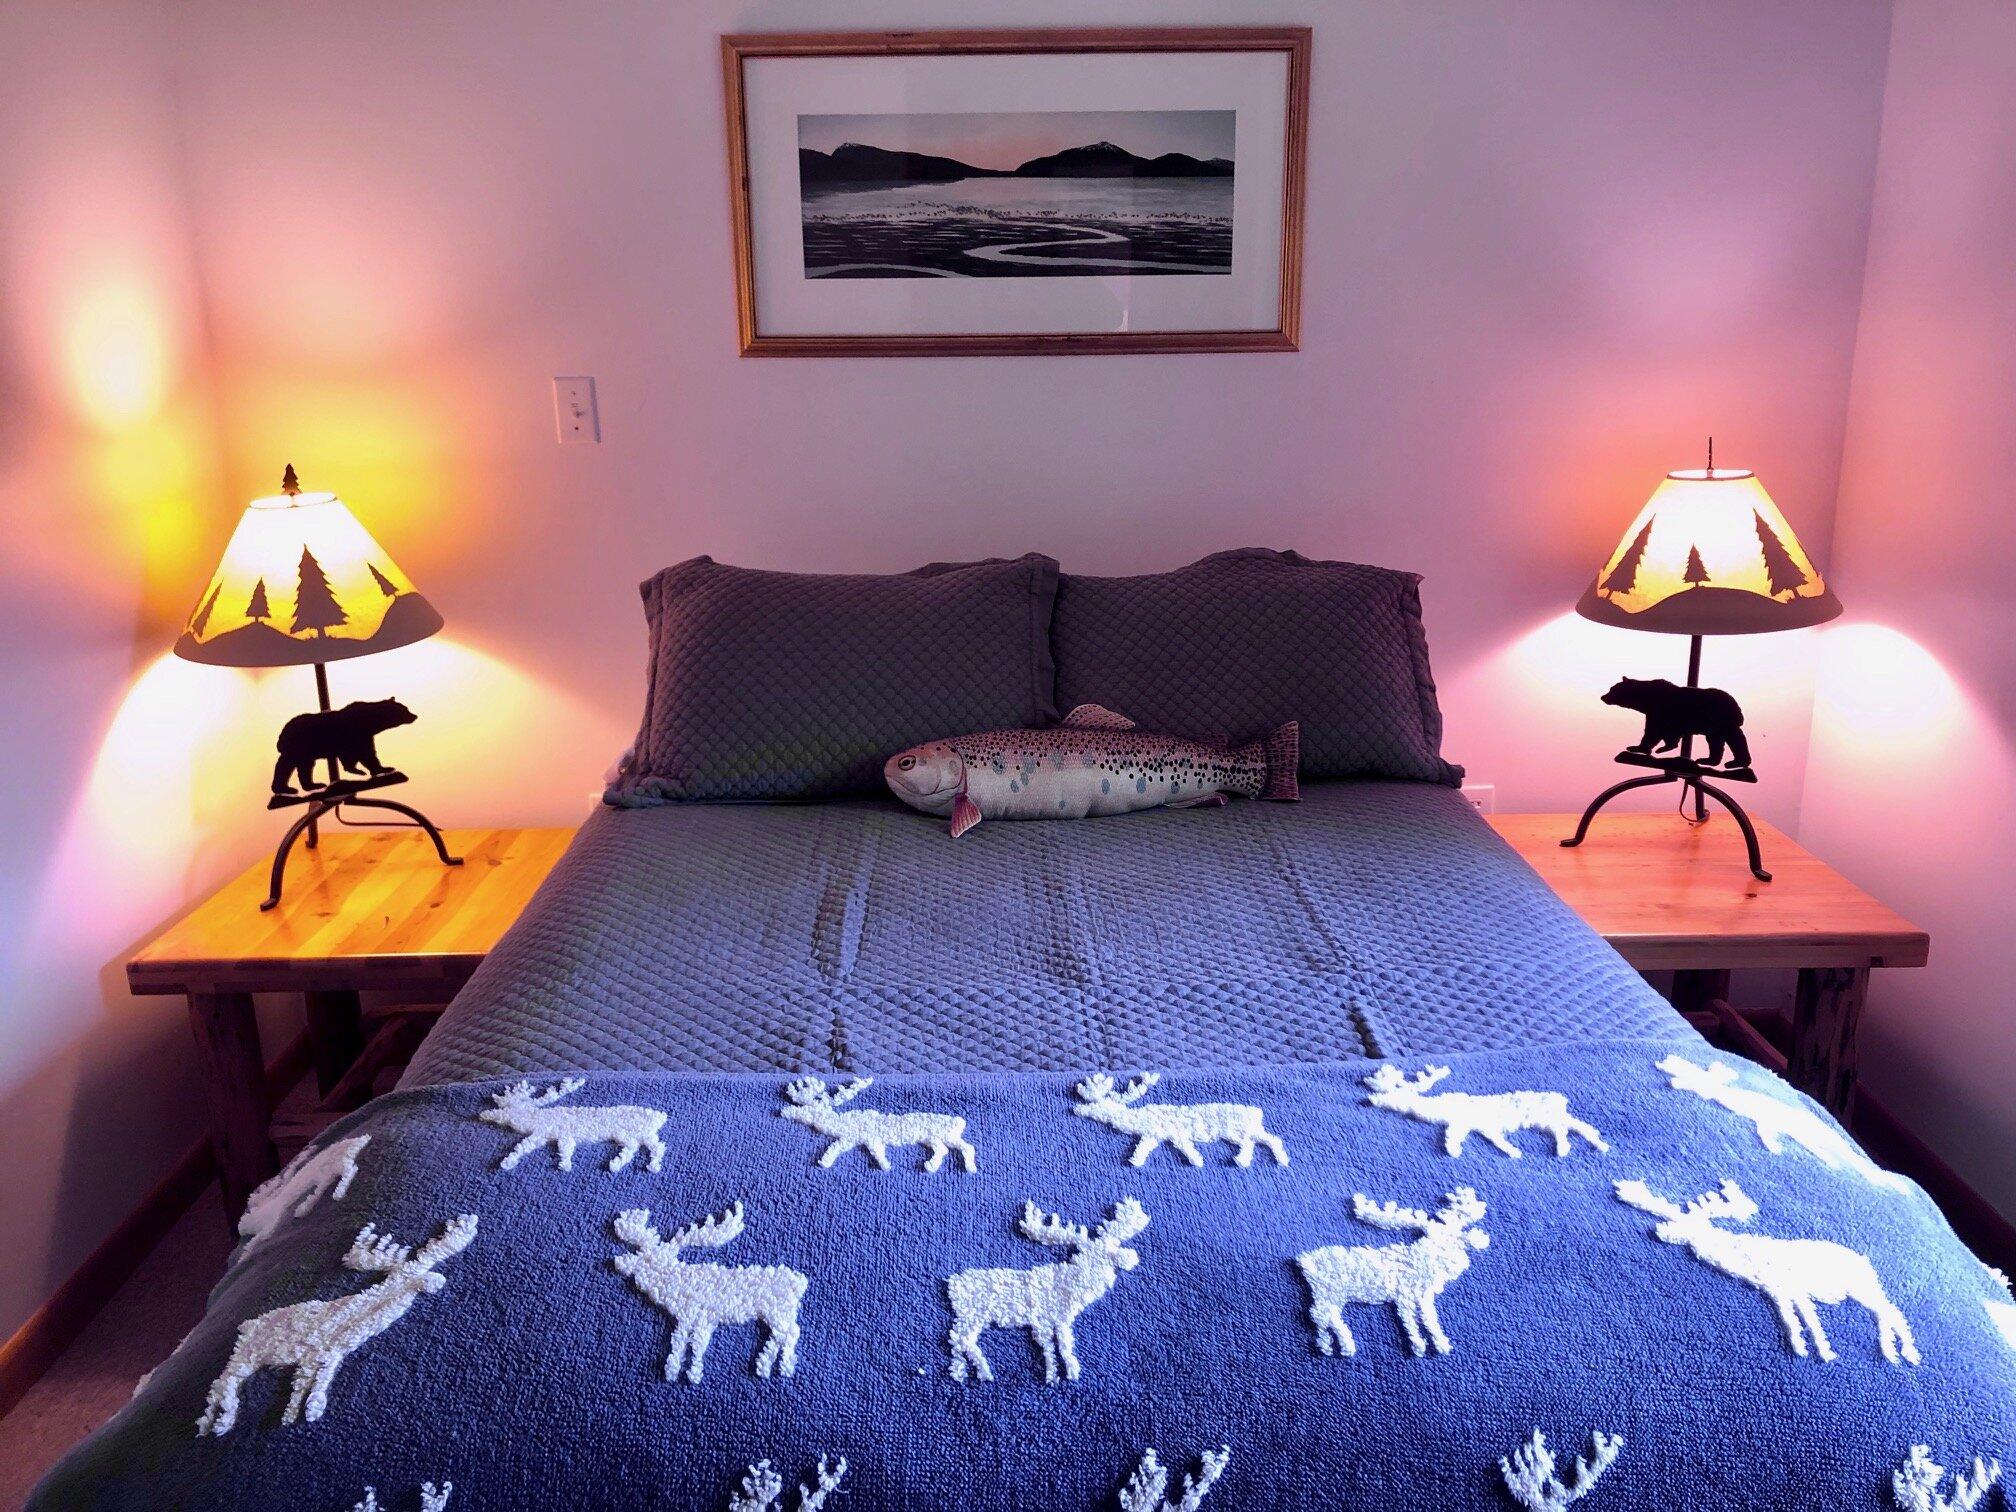 interior bed 2.jpg